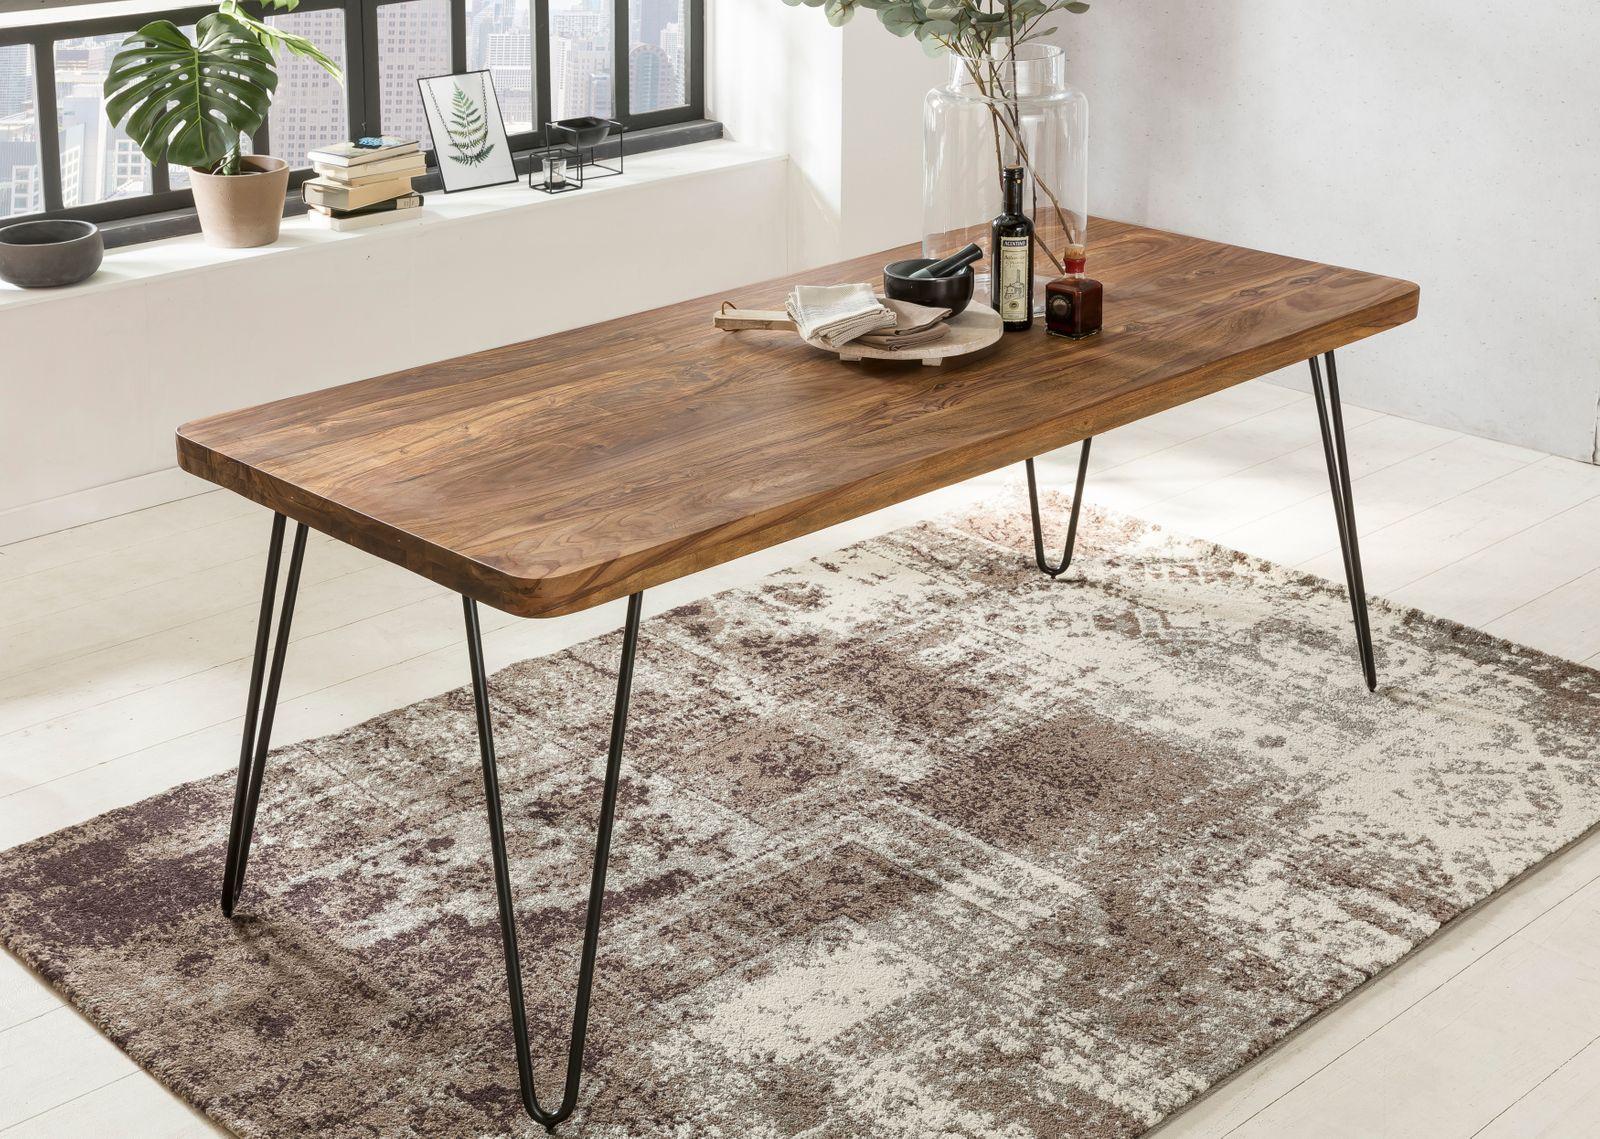 Wohnling Esstisch Bagli Massivholz Sheesham 120 Cm Esszimmer Tisch